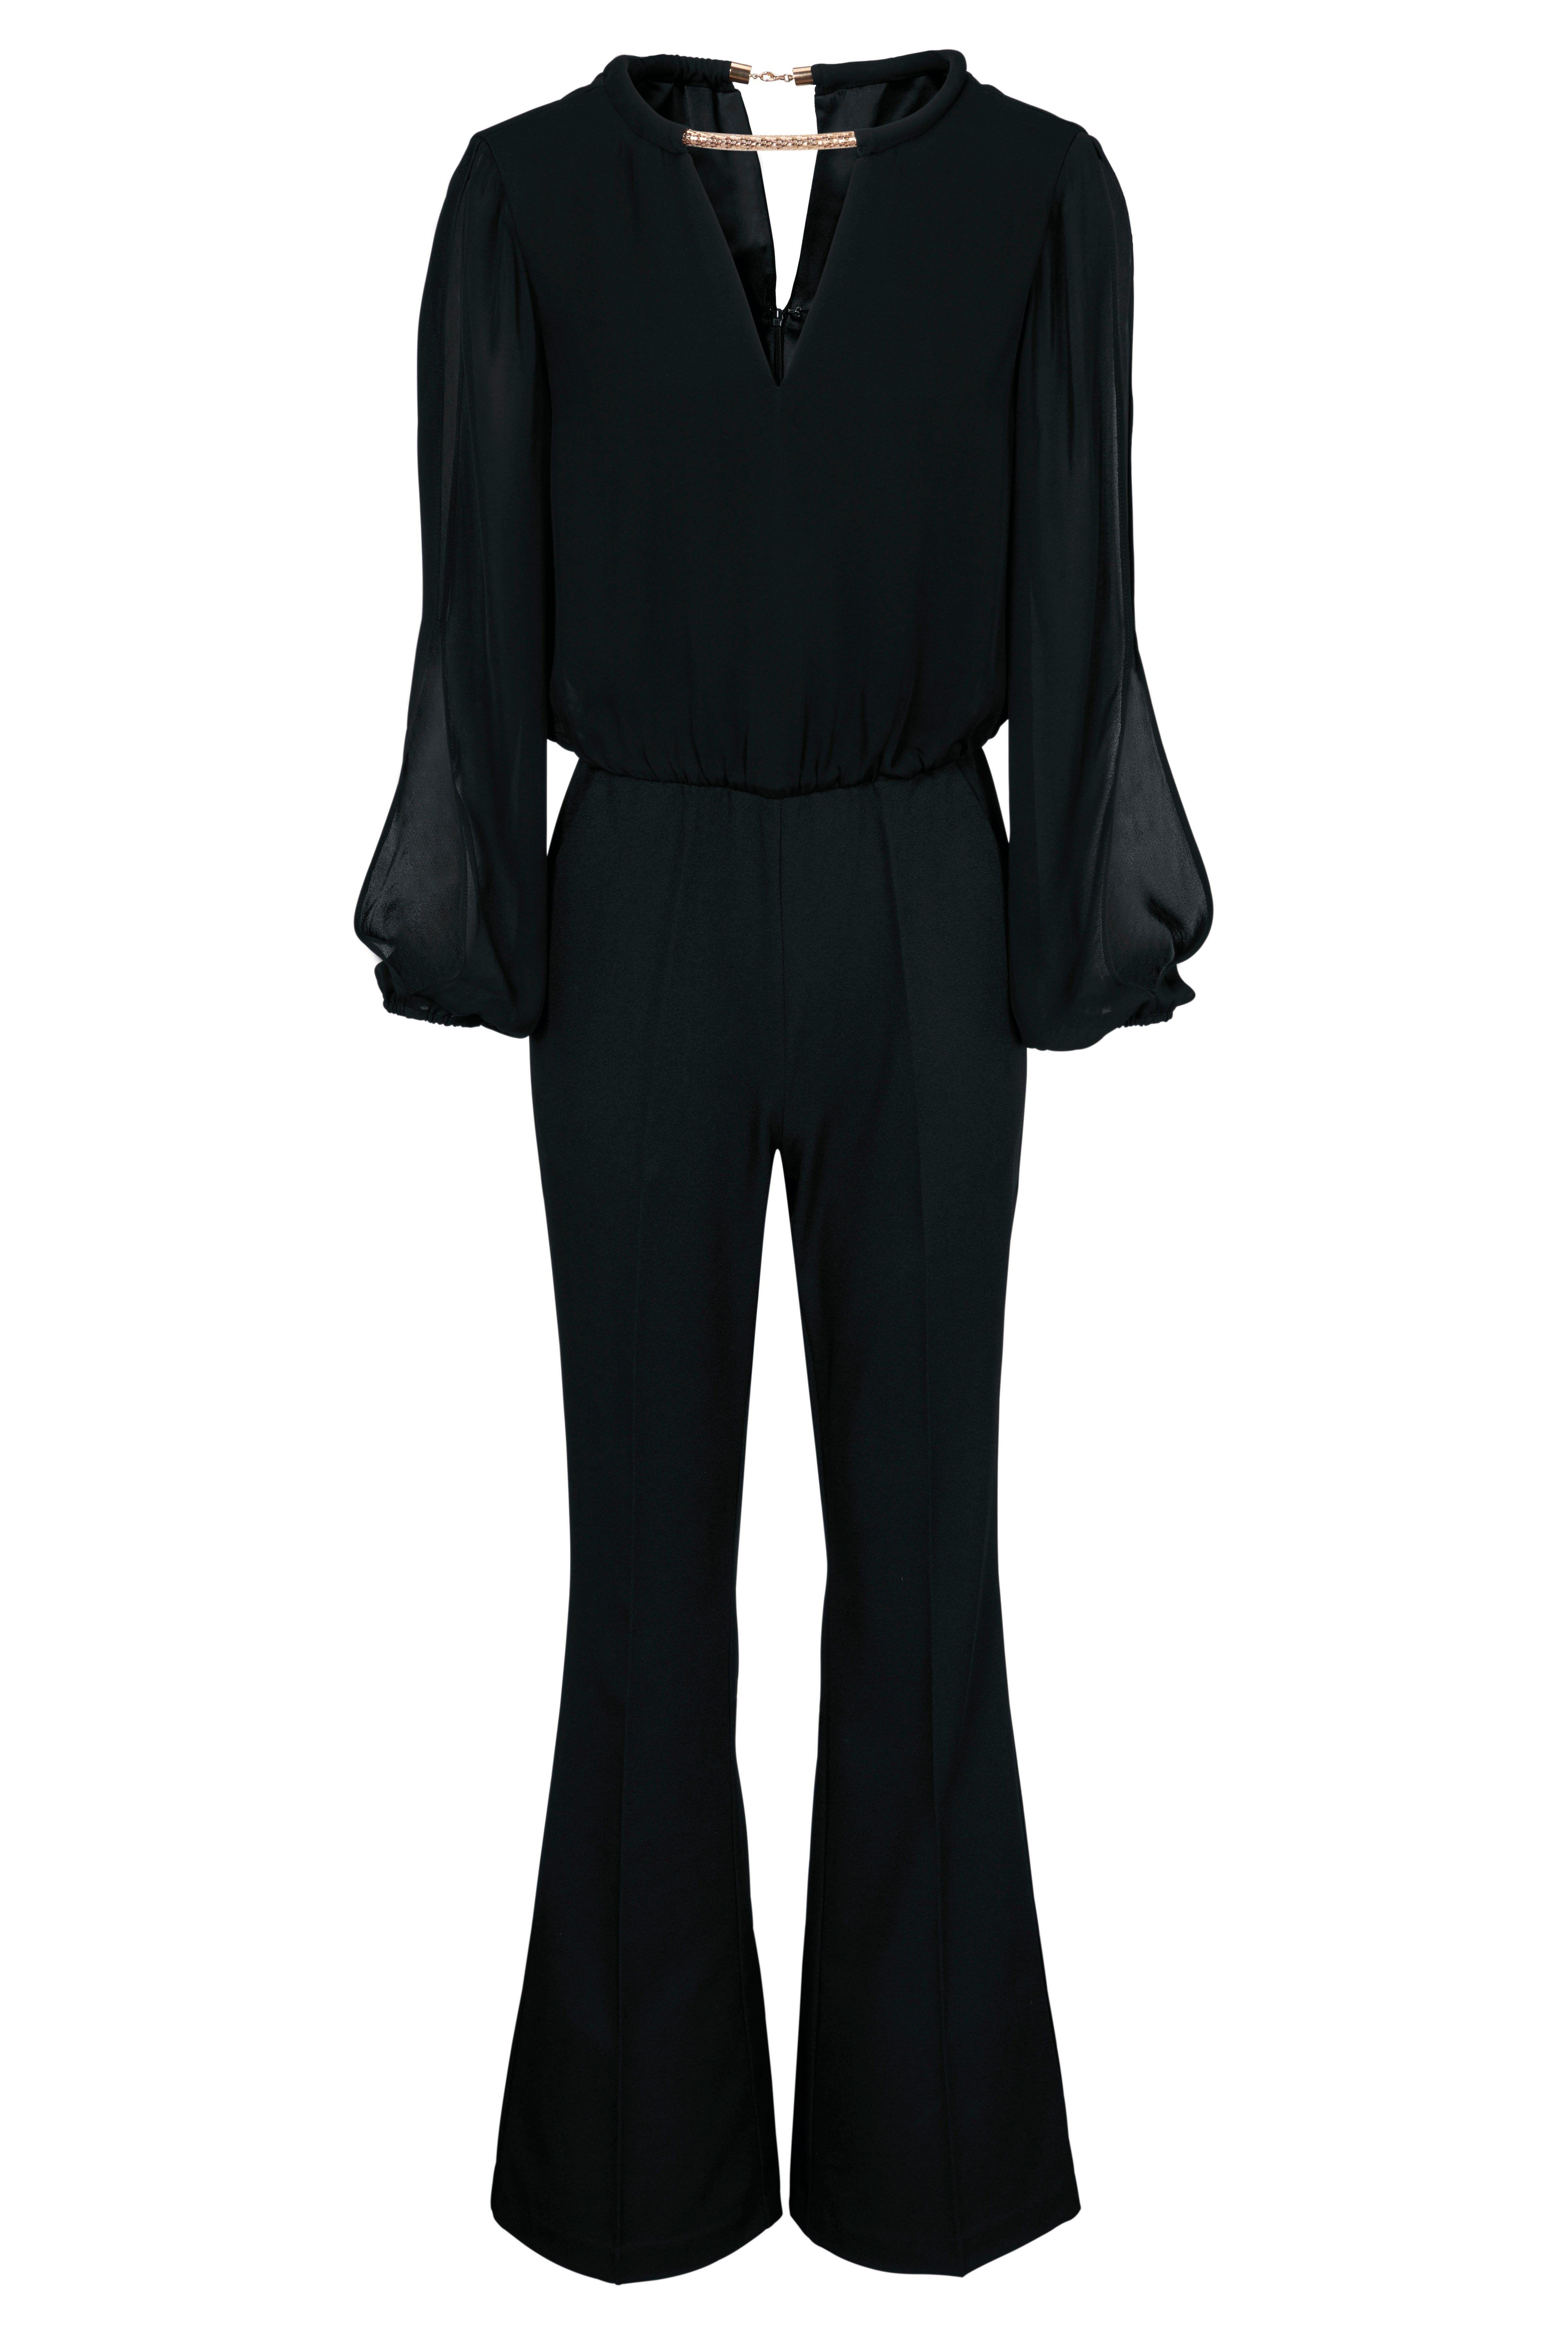 low price sale top design get online OTTO #Heine #Bekleidung #Overalls #Damen #heine #TIMELESS ...